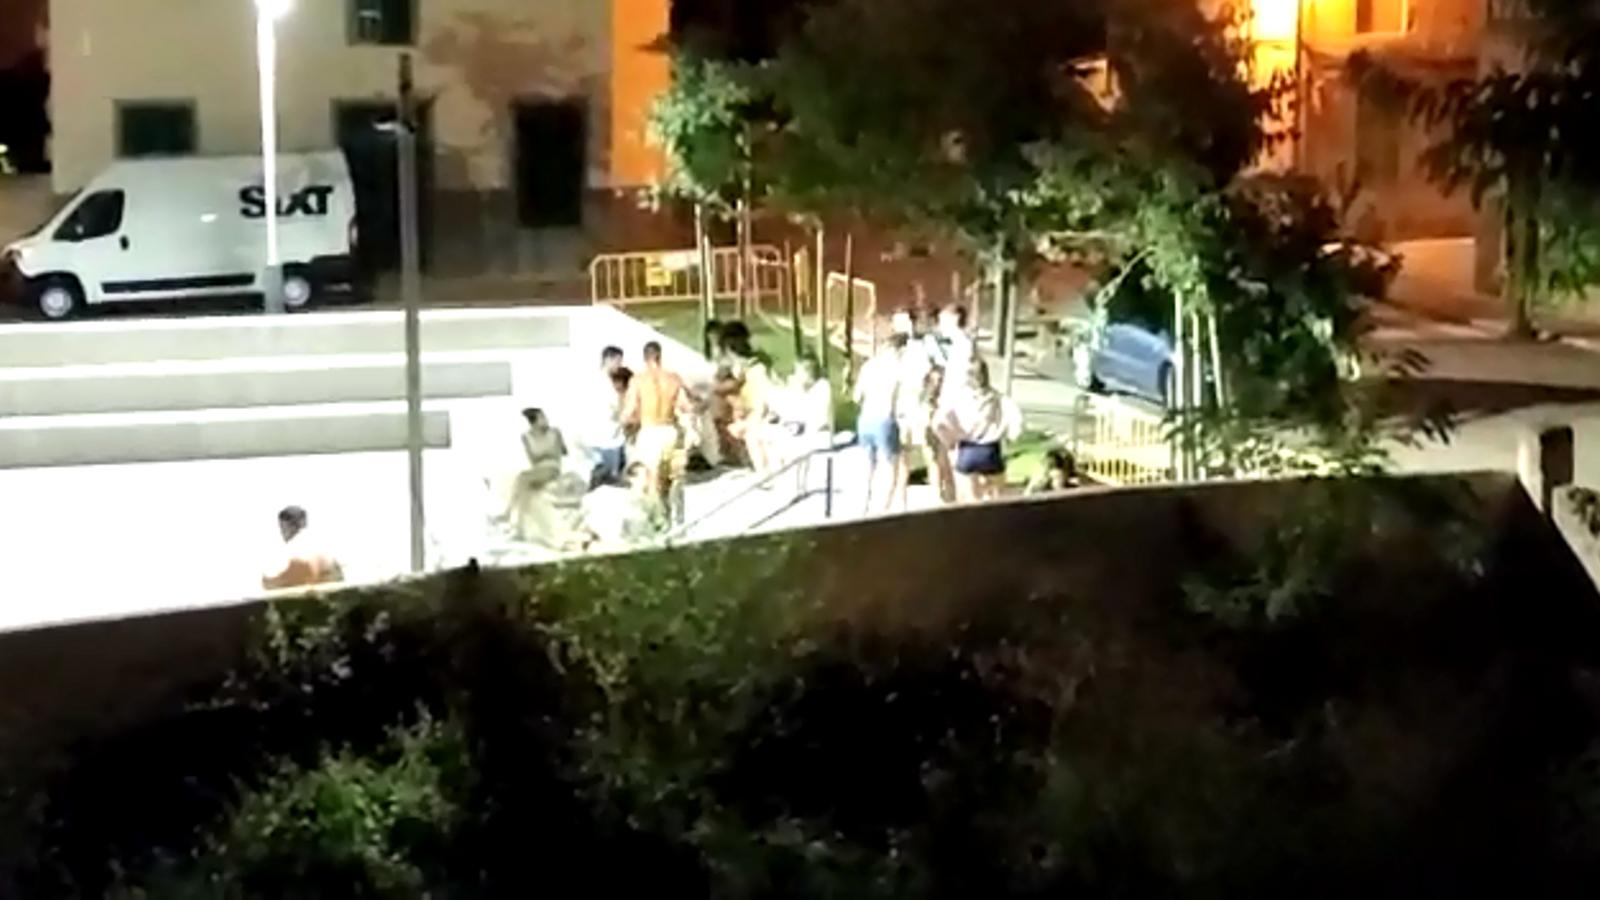 Una part dels joves continuant la festa en un espai públic de Vilafrranca